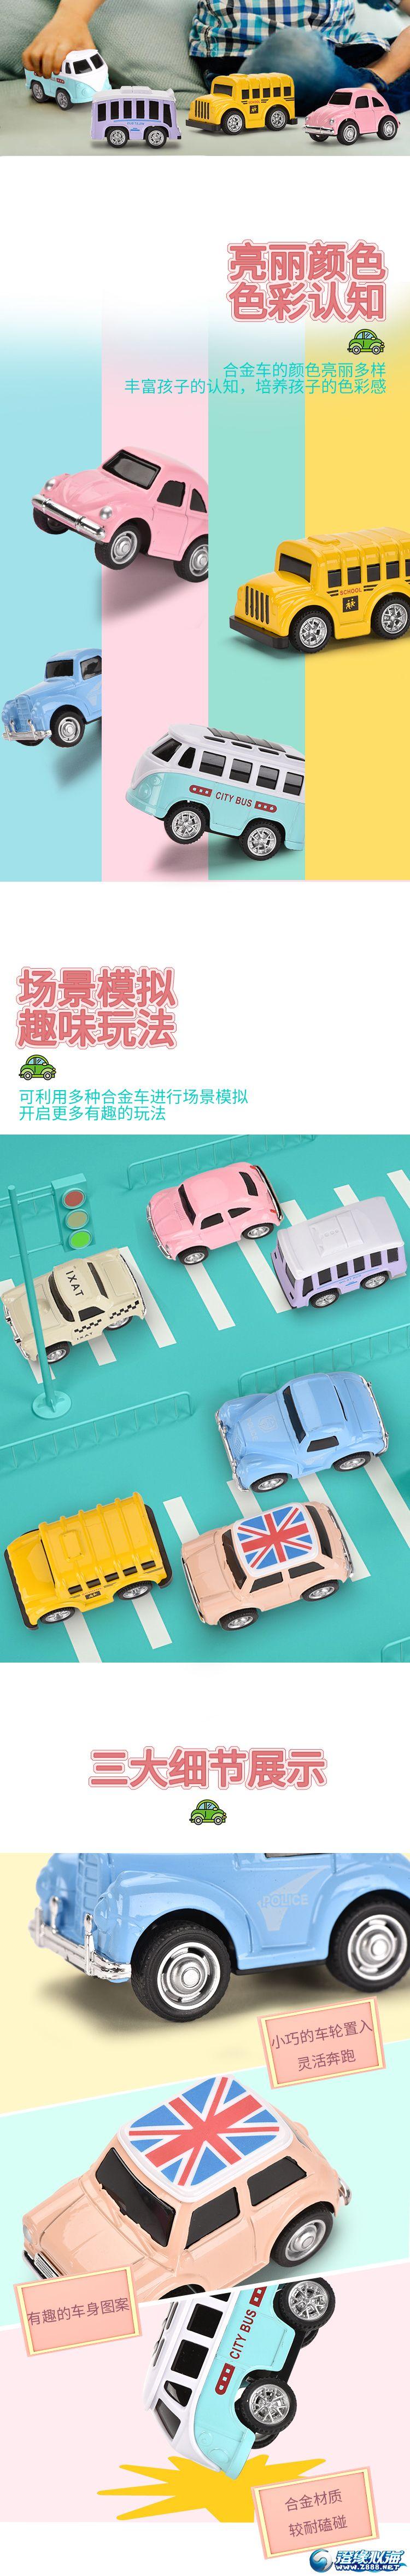 天纳玩具厂-(1128、1129)-mini合金车-中文版详情_03.jpg